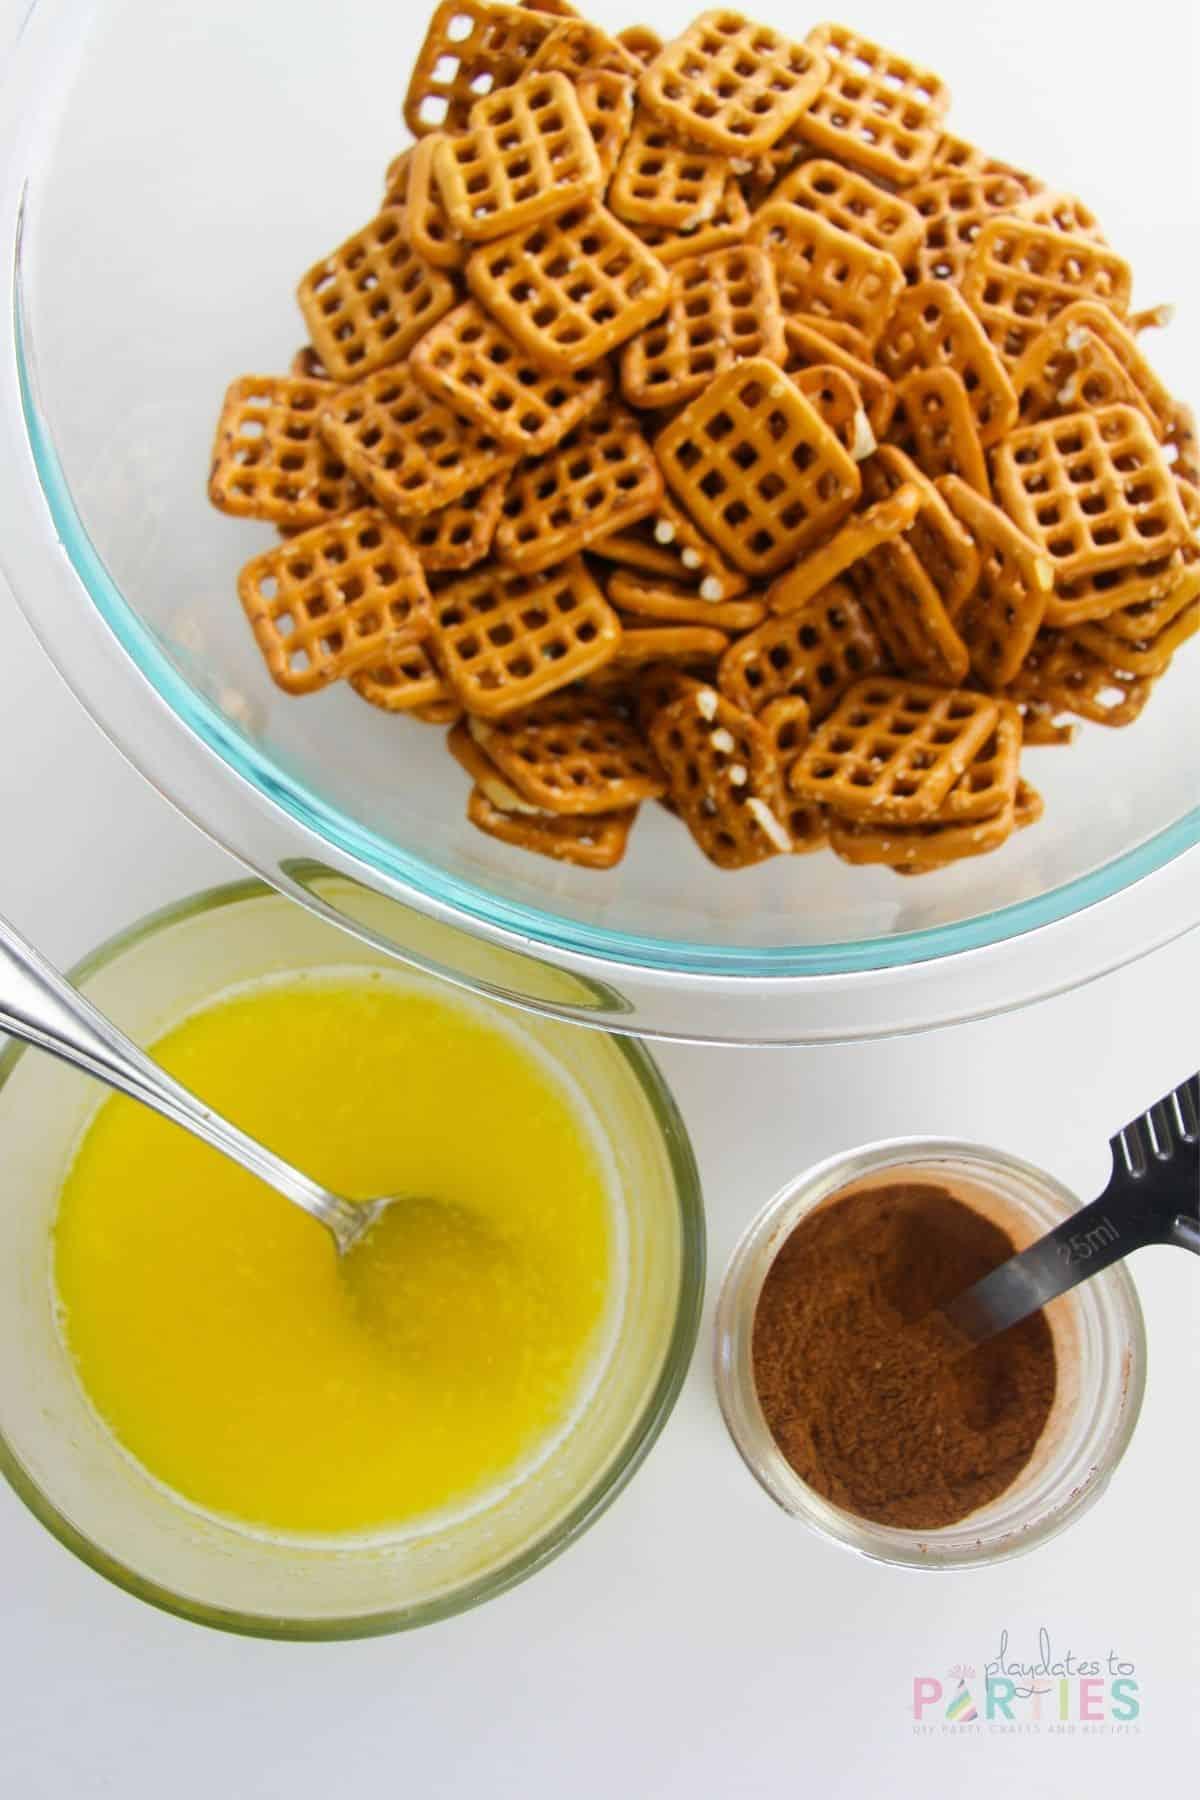 ingredients for making apple pie pretzels